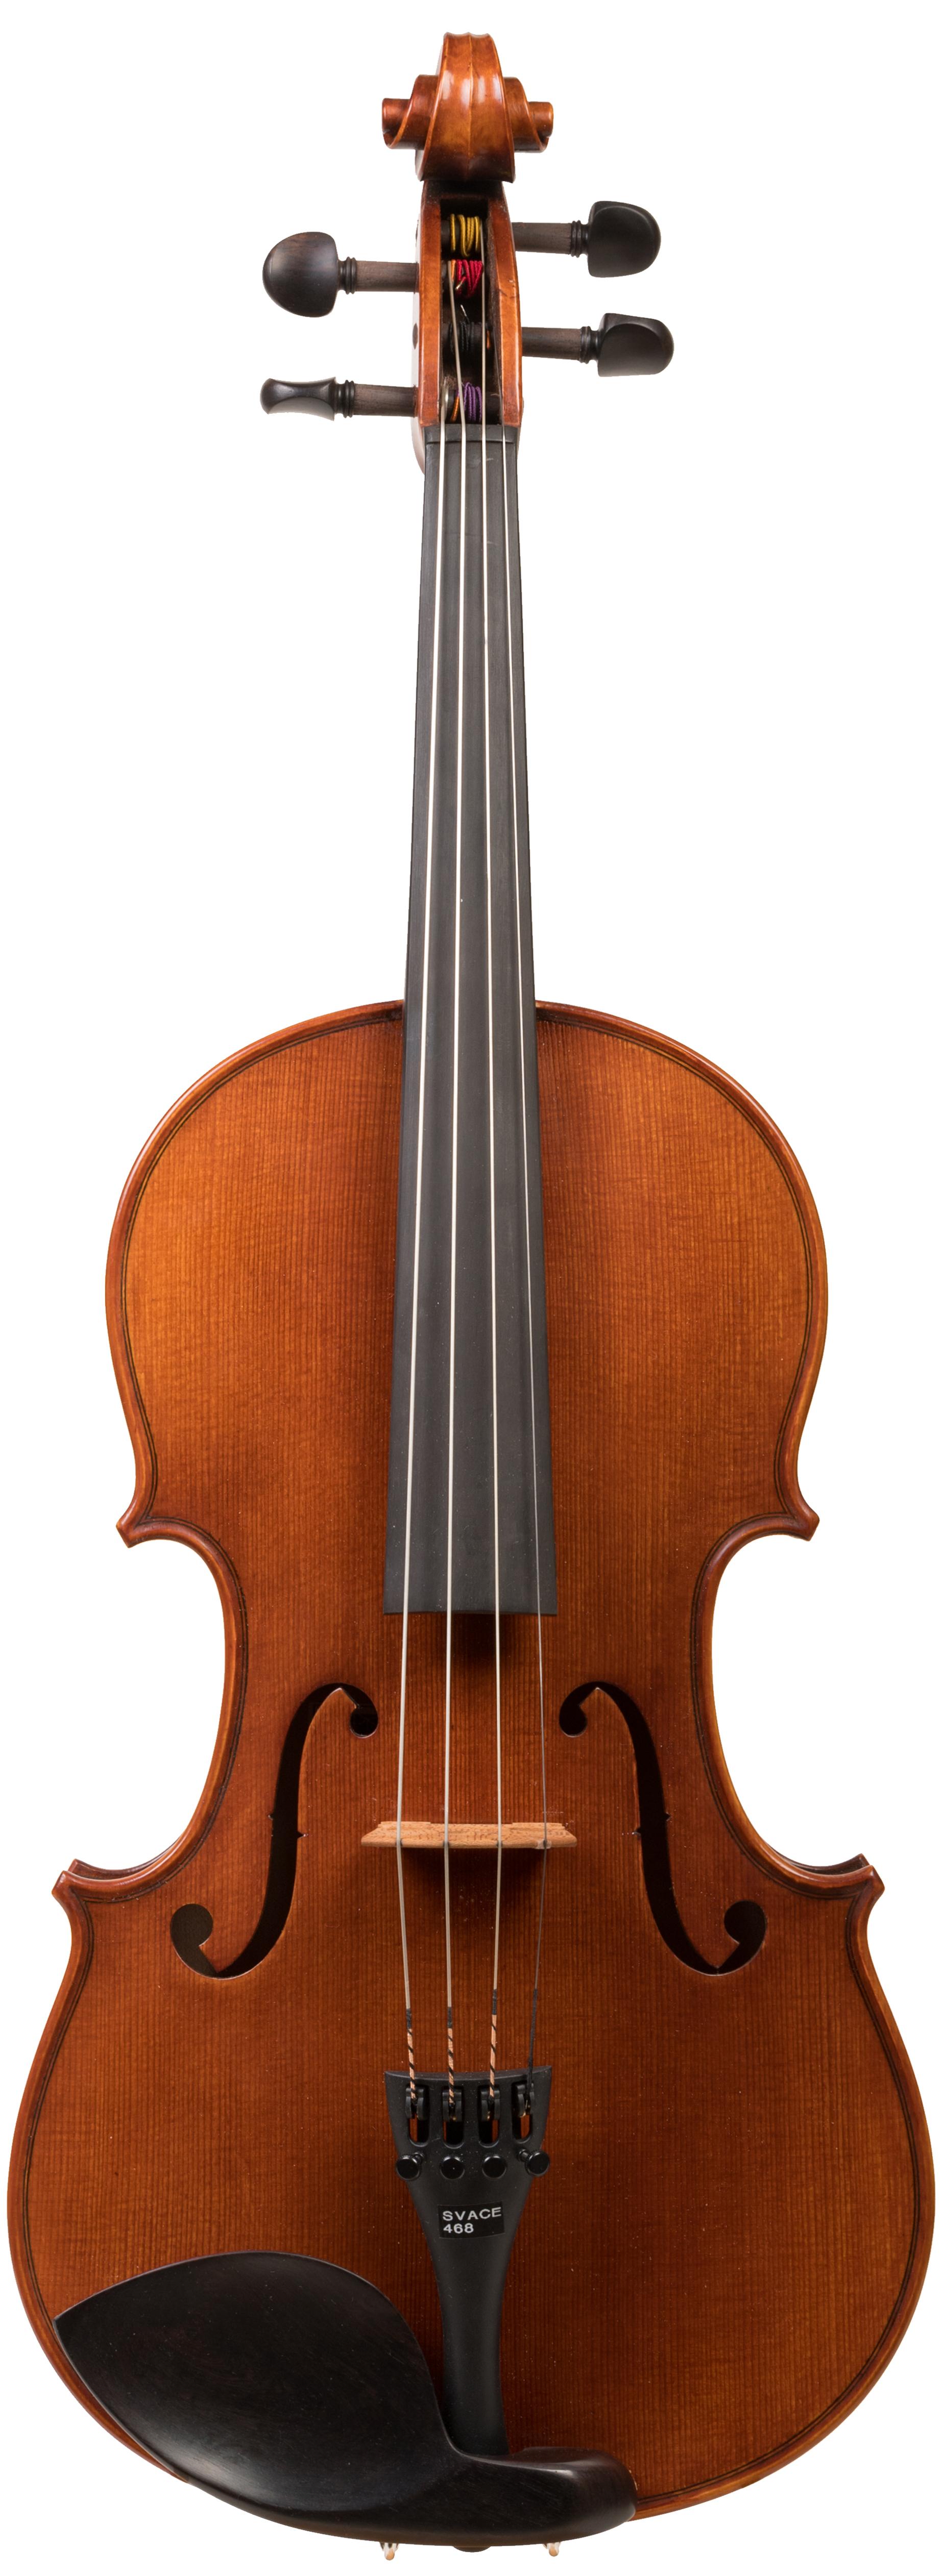 Seman Violins SV150 front.jpg